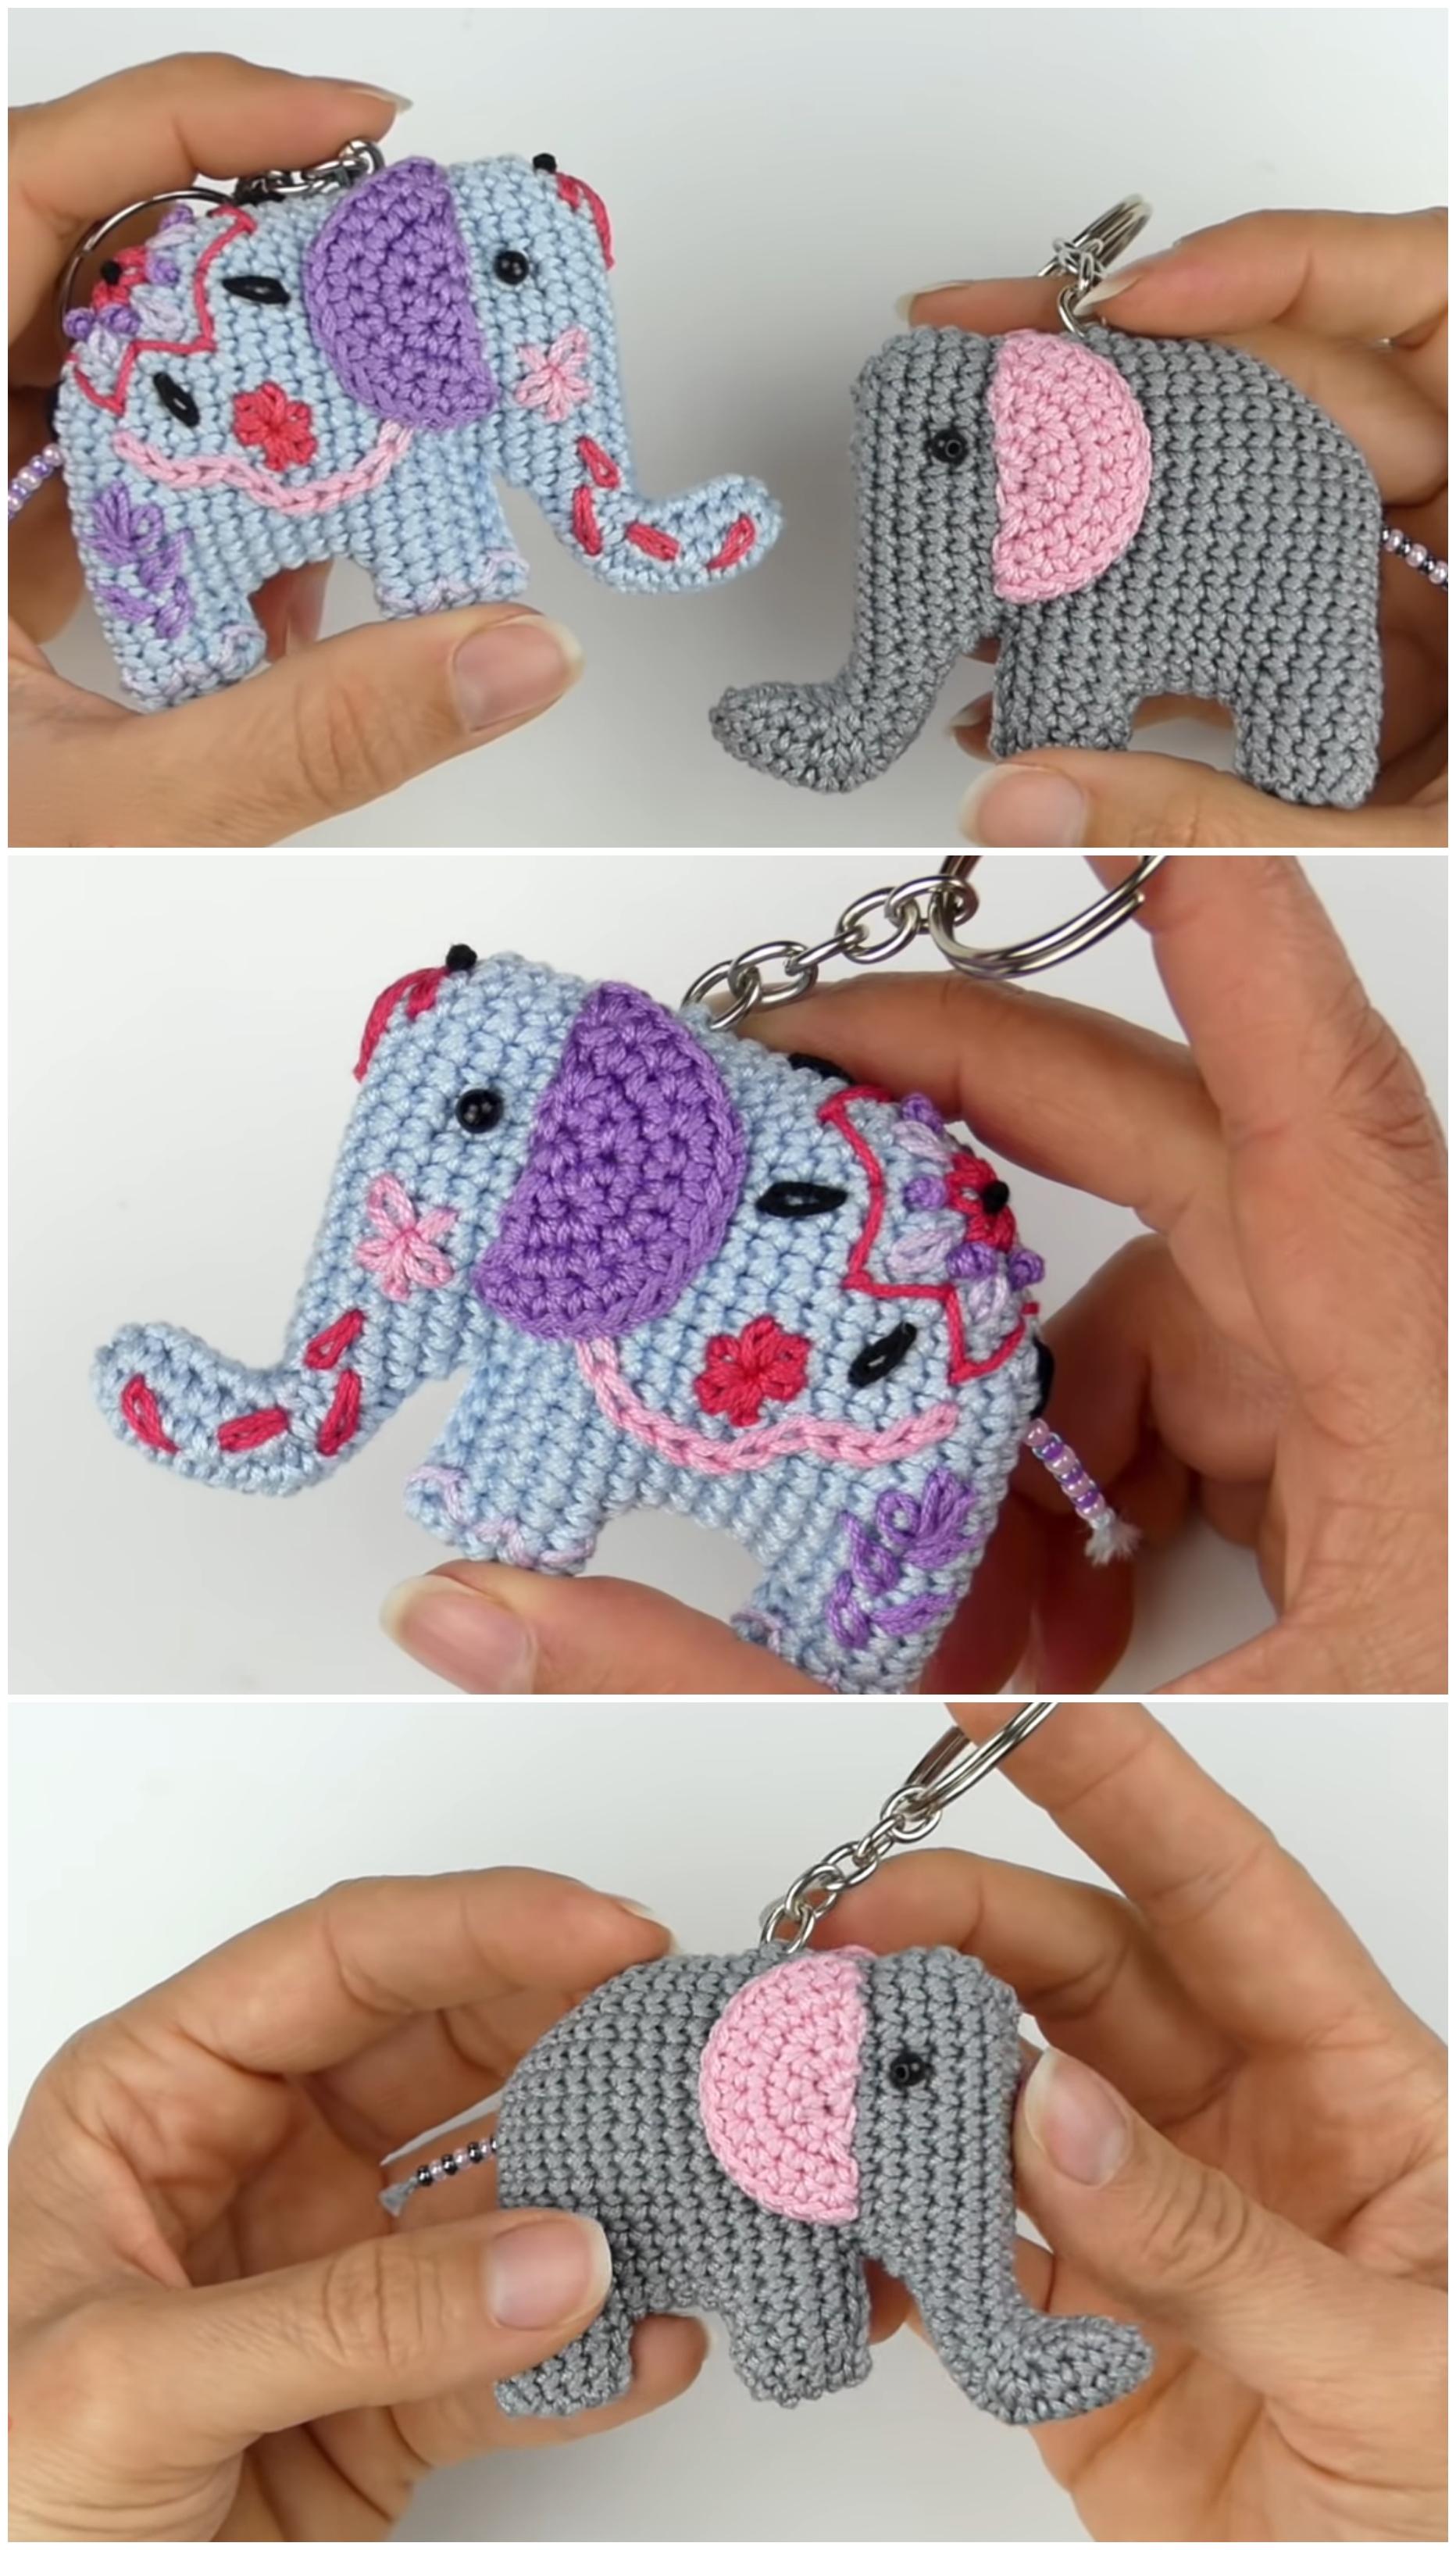 Crochet Elephant Head Applique Elephant Embellishment | Etsy | 3264x1864